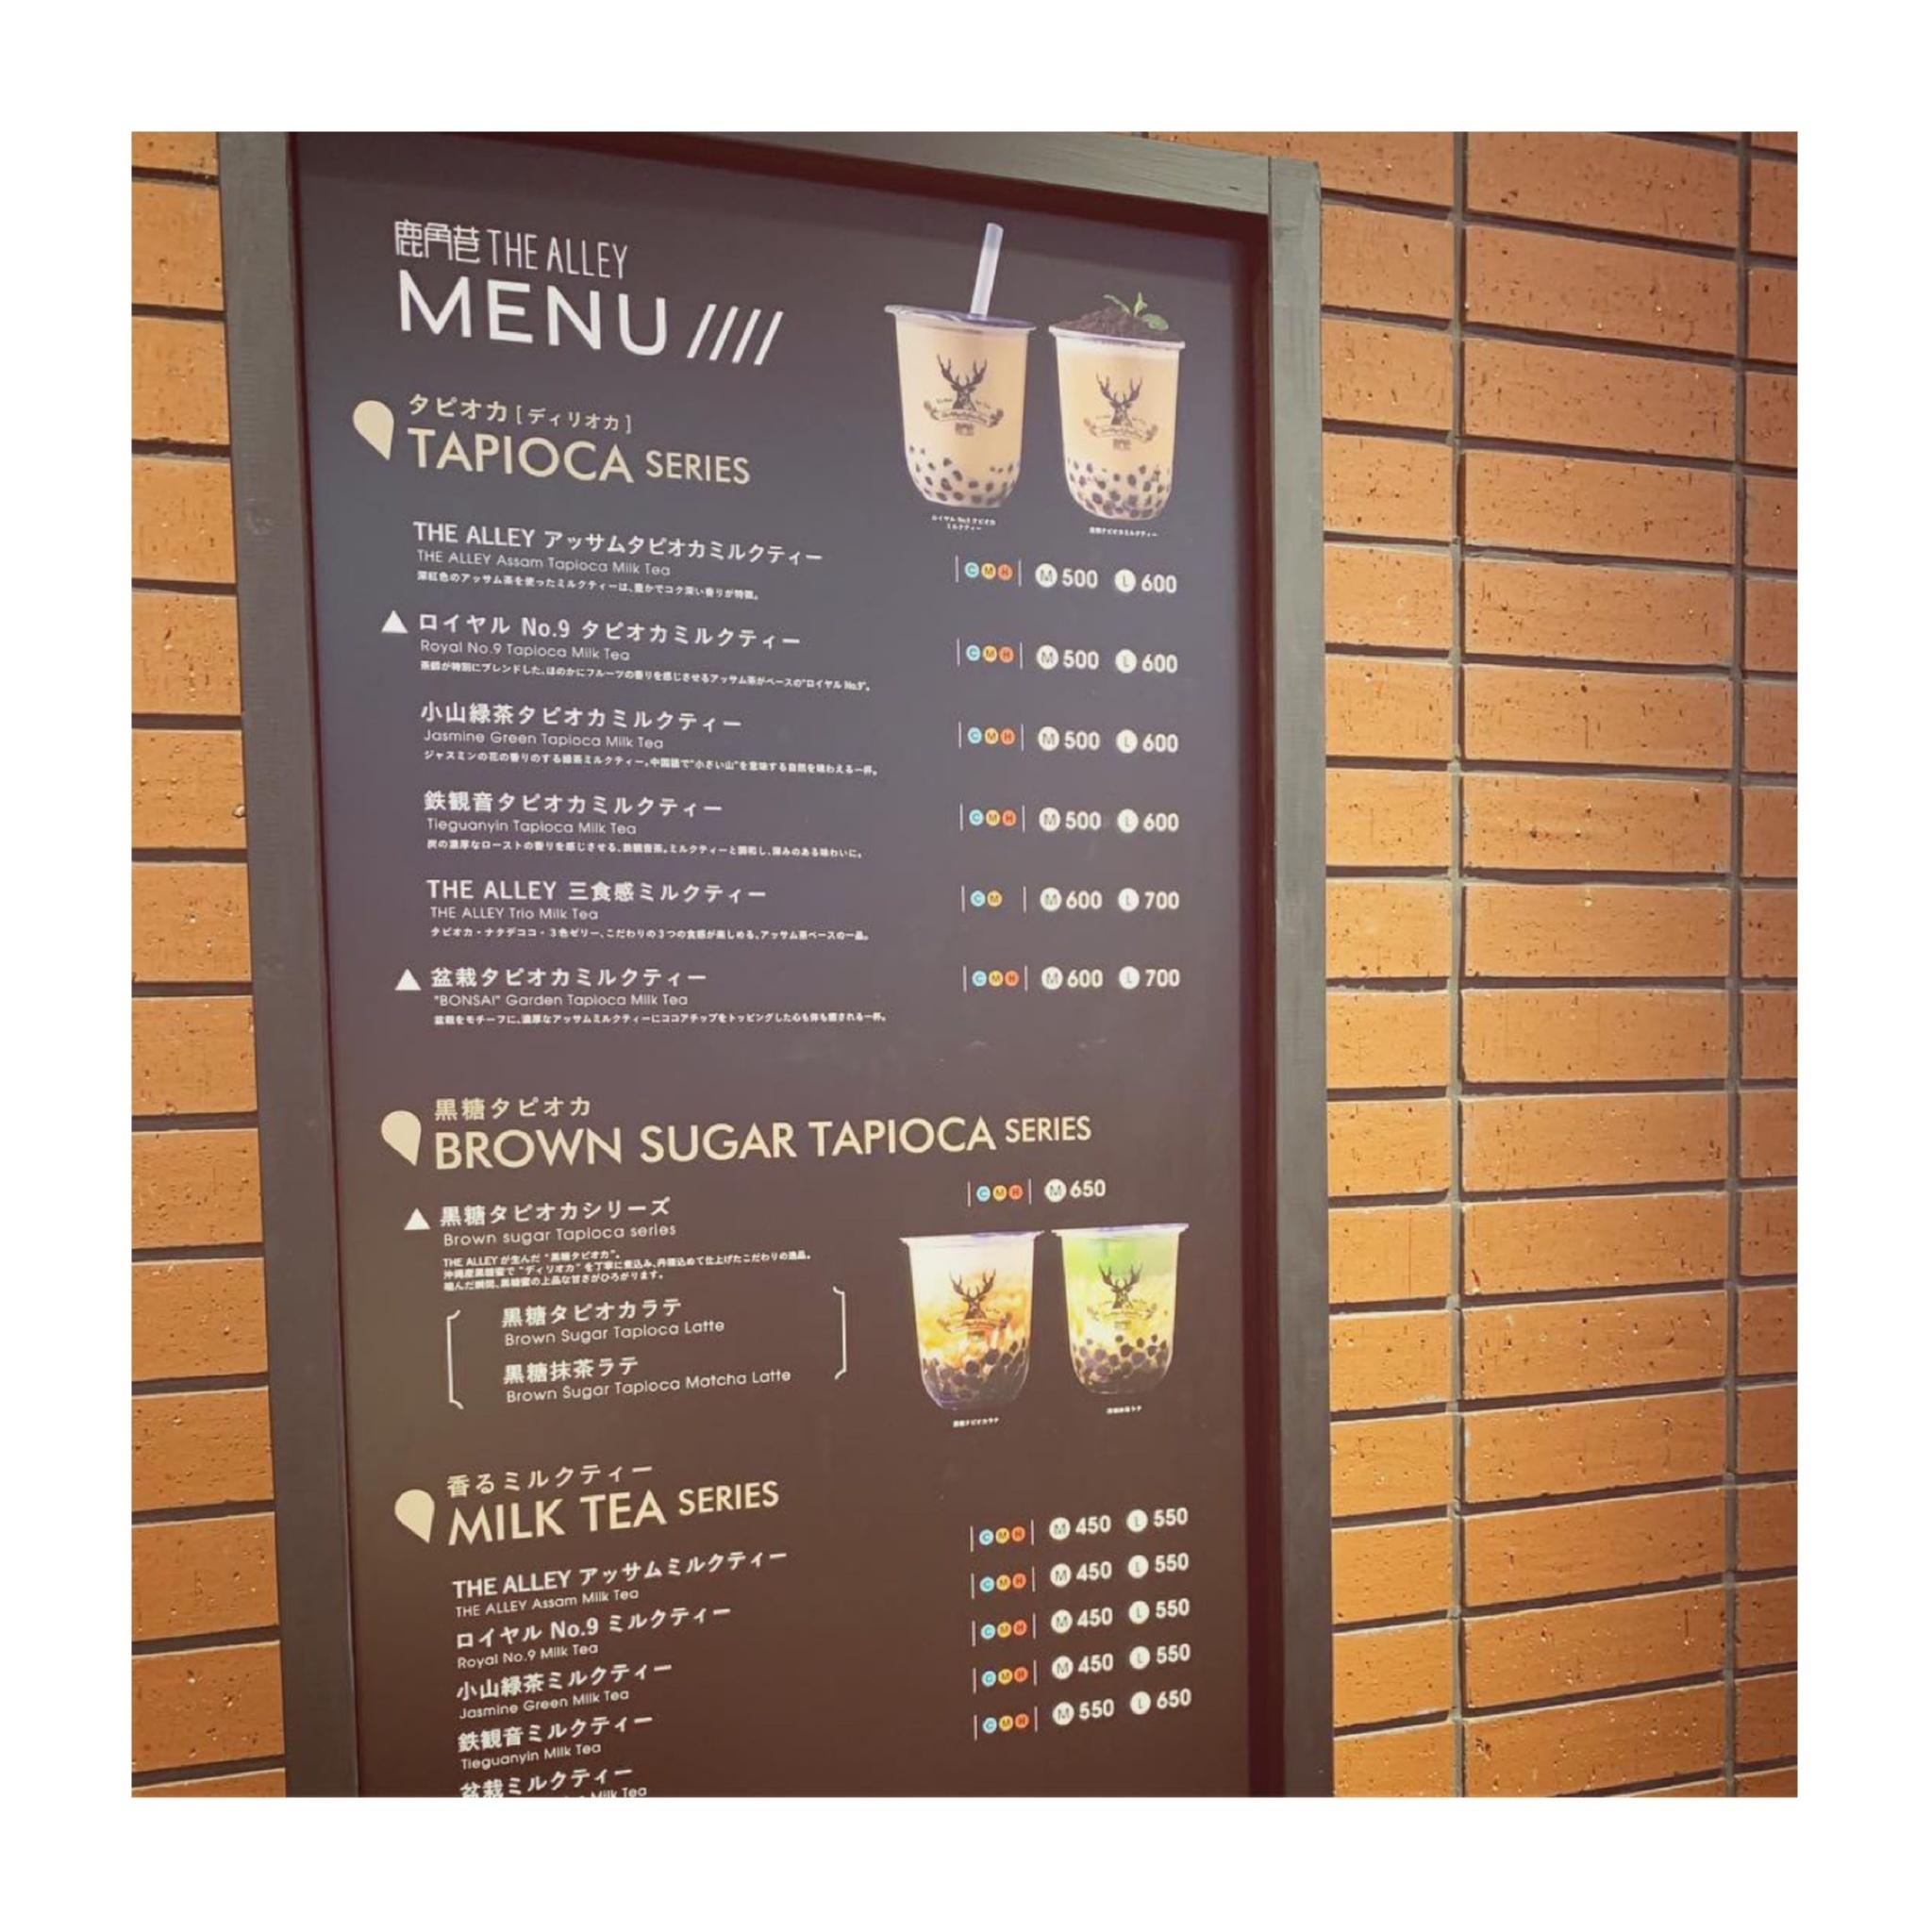 《11/9はタピオカの日❤️》【THE ALLEY(ジ アレイ)】の黒糖抹茶ラテがおいしすぎる!_2